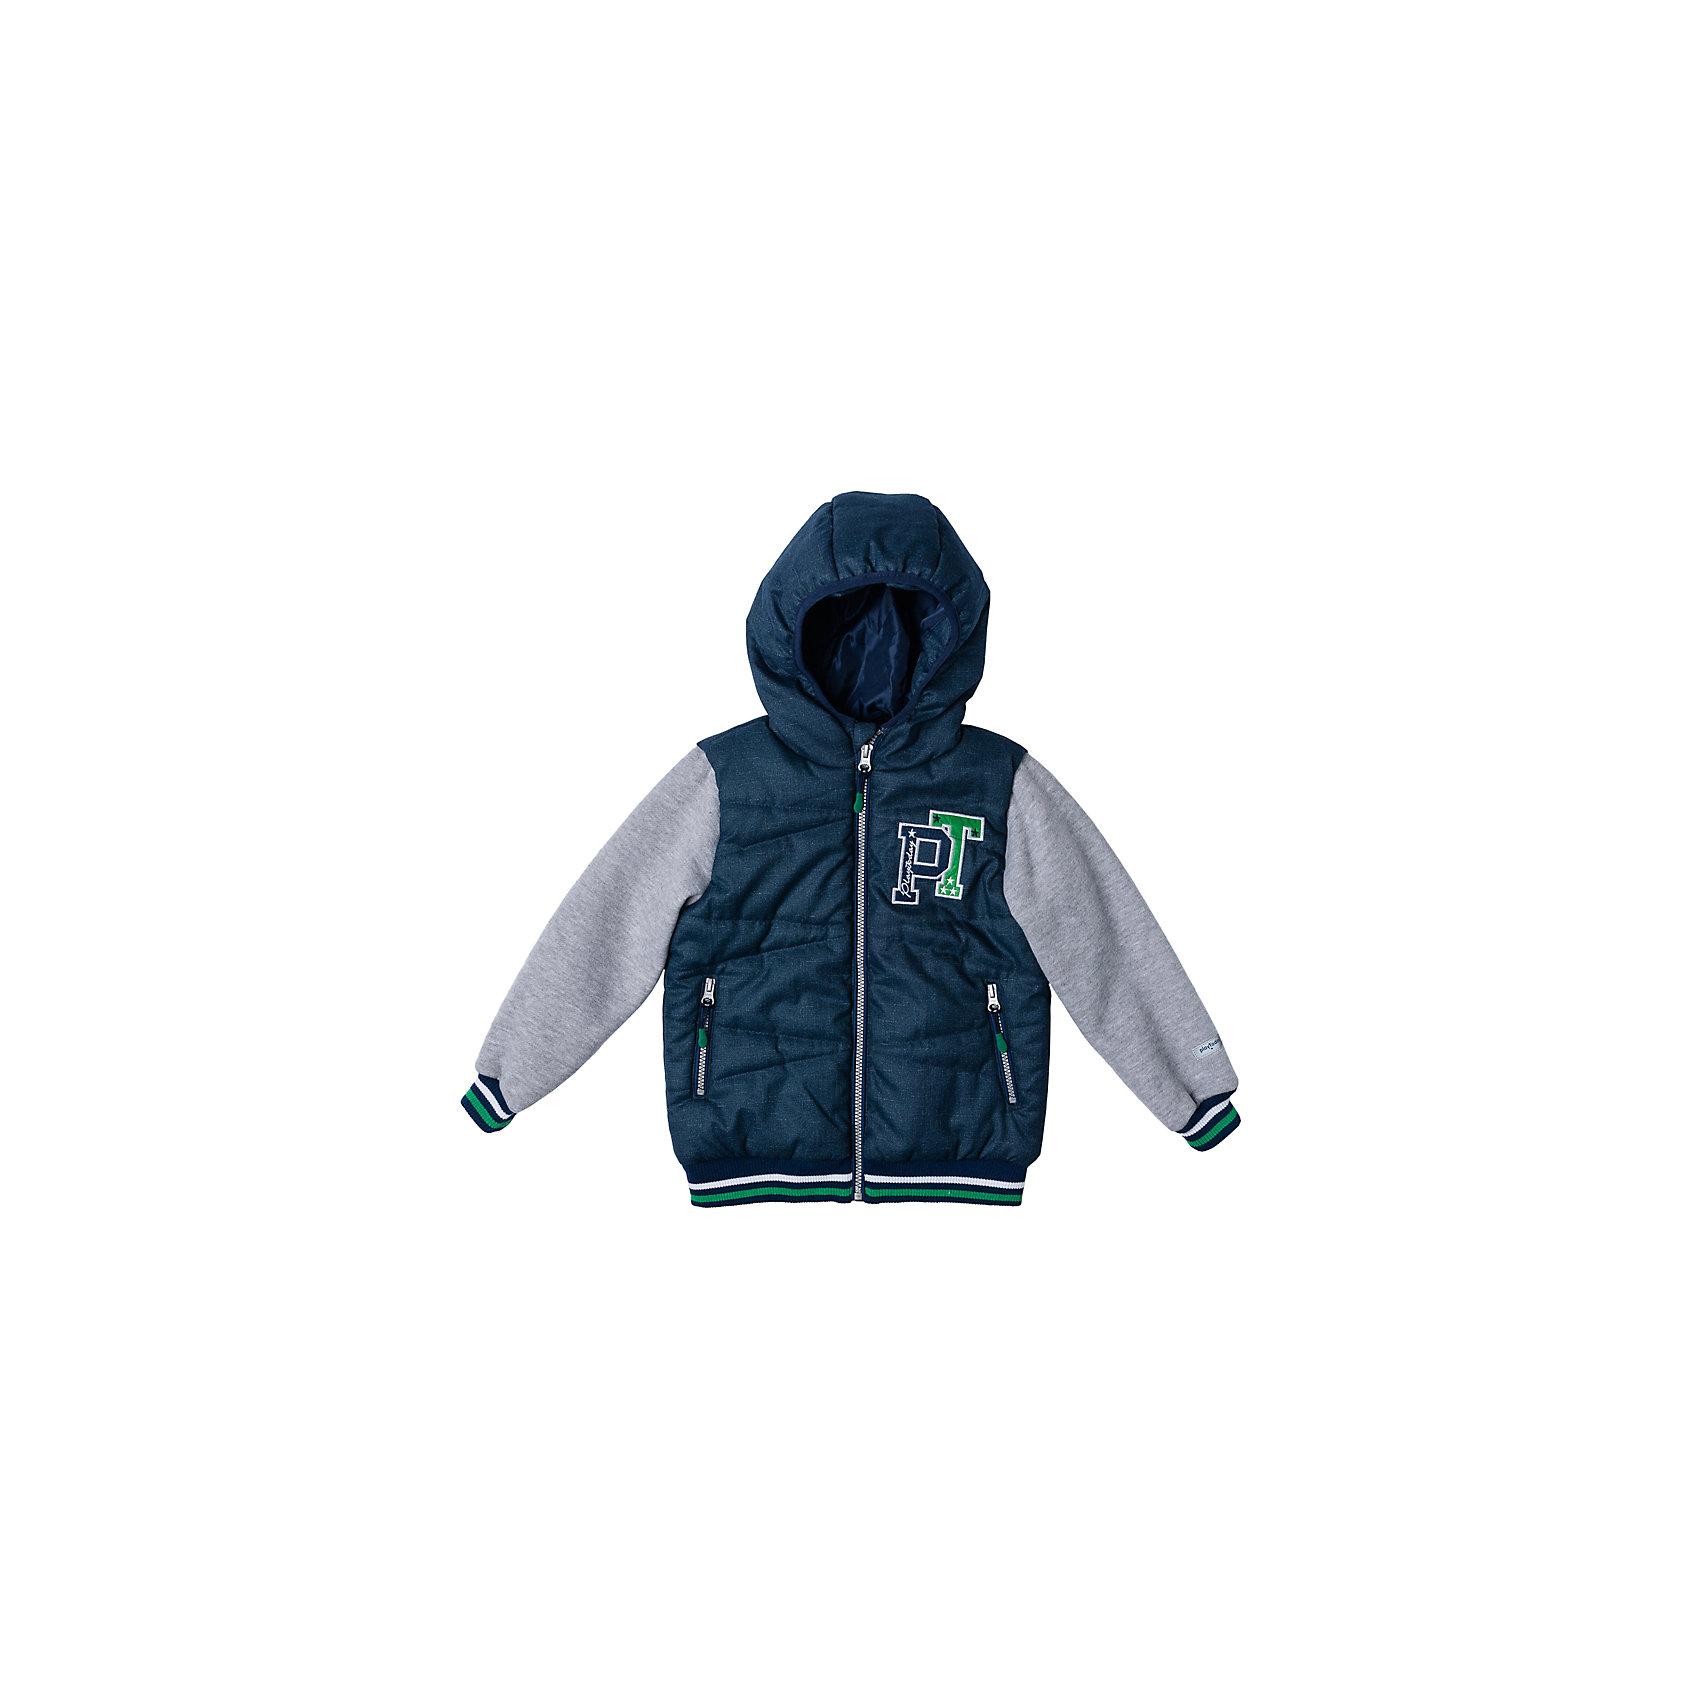 Куртка для мальчика PlayTodayДемисезонные куртки<br>Характеристики товара:<br><br>• цвет: разноцветный<br>• состав: 100% полиэстер, подкладка: 100% полиэстер<br>• утеплитель: 100% полиэстер, 150 г/м2<br>• температурный режим: от +5°С до +15°С<br>• декорирована вышивкой<br>• карманы<br>• защита подбородка<br>• молния<br>• эластичные манжеты<br>• светоотражающие элементы<br>• капюшон<br>• коллекция: весна-лето 2017<br>• страна бренда: Германия<br>• страна производства: Китай<br><br>Популярный бренд PlayToday выпустил новую коллекцию! Вещи из неё продолжают радовать покупателей удобством, стильным дизайном и продуманным кроем. Дети носят их с удовольствием. PlayToday - это линейка товаров, созданная специально для детей. Дизайнеры учитывают новые веяния моды и потребности детей. Порадуйте ребенка обновкой от проверенного производителя!<br>Такая демисезонная куртка обеспечит ребенку комфорт благодаря качественному материалу и продуманному крою. С помощью этой модели можно удобно одеться по погоде. Очень модная модель! Отлично подходит для переменной погоды межсезонья.<br><br>Куртку для мальчика от известного бренда PlayToday можно купить в нашем интернет-магазине.<br><br>Ширина мм: 356<br>Глубина мм: 10<br>Высота мм: 245<br>Вес г: 519<br>Цвет: белый<br>Возраст от месяцев: 60<br>Возраст до месяцев: 72<br>Пол: Мужской<br>Возраст: Детский<br>Размер: 116,122,128,98,104,110<br>SKU: 5401901